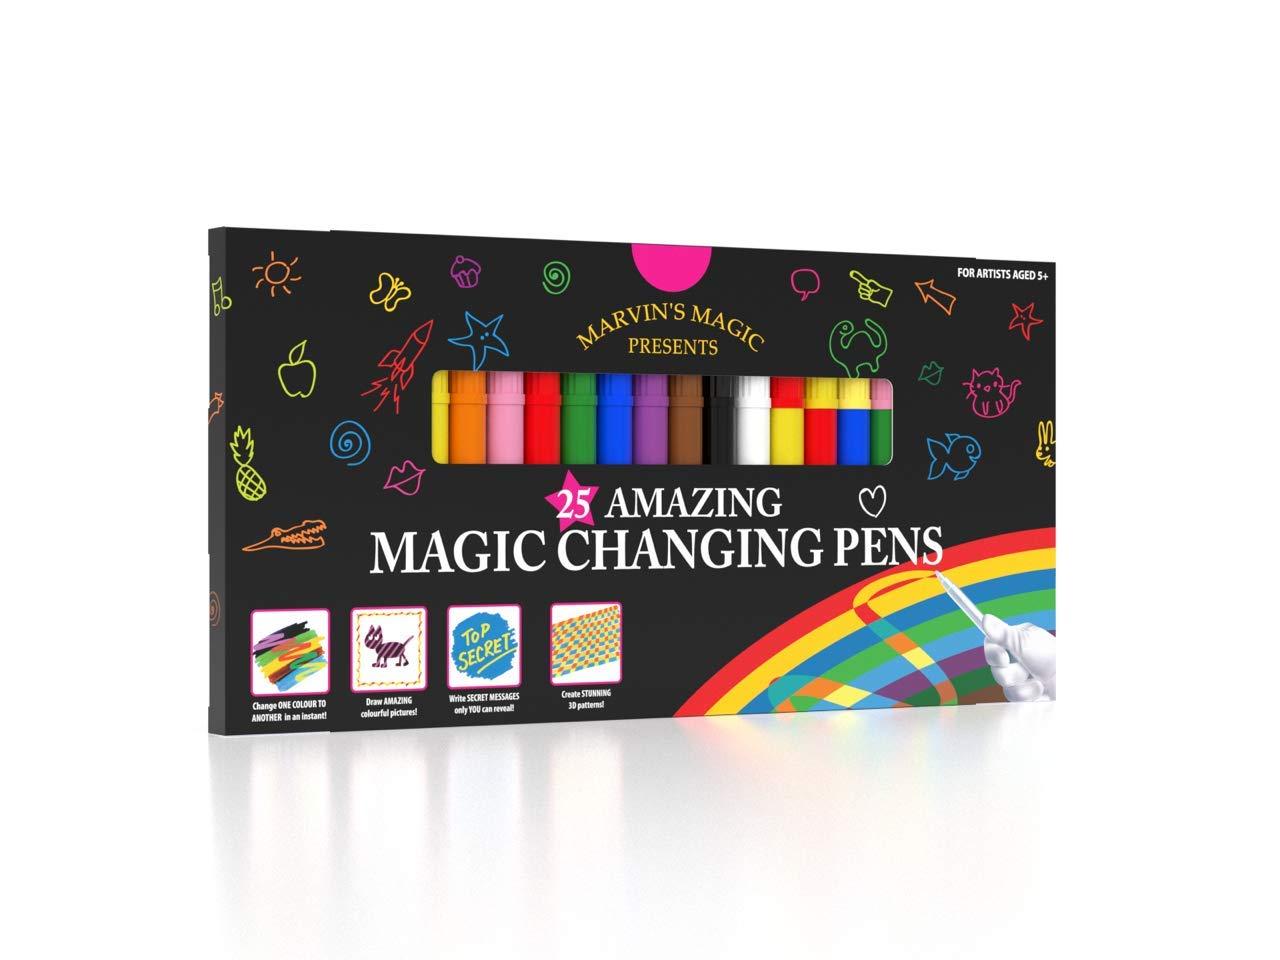 Marvin's Magic - Amazing Magic Pens | Colour Changing Magic Pen Art | Create 3D Lettering or Write Secret Messages | Includes 25 Magic Pens